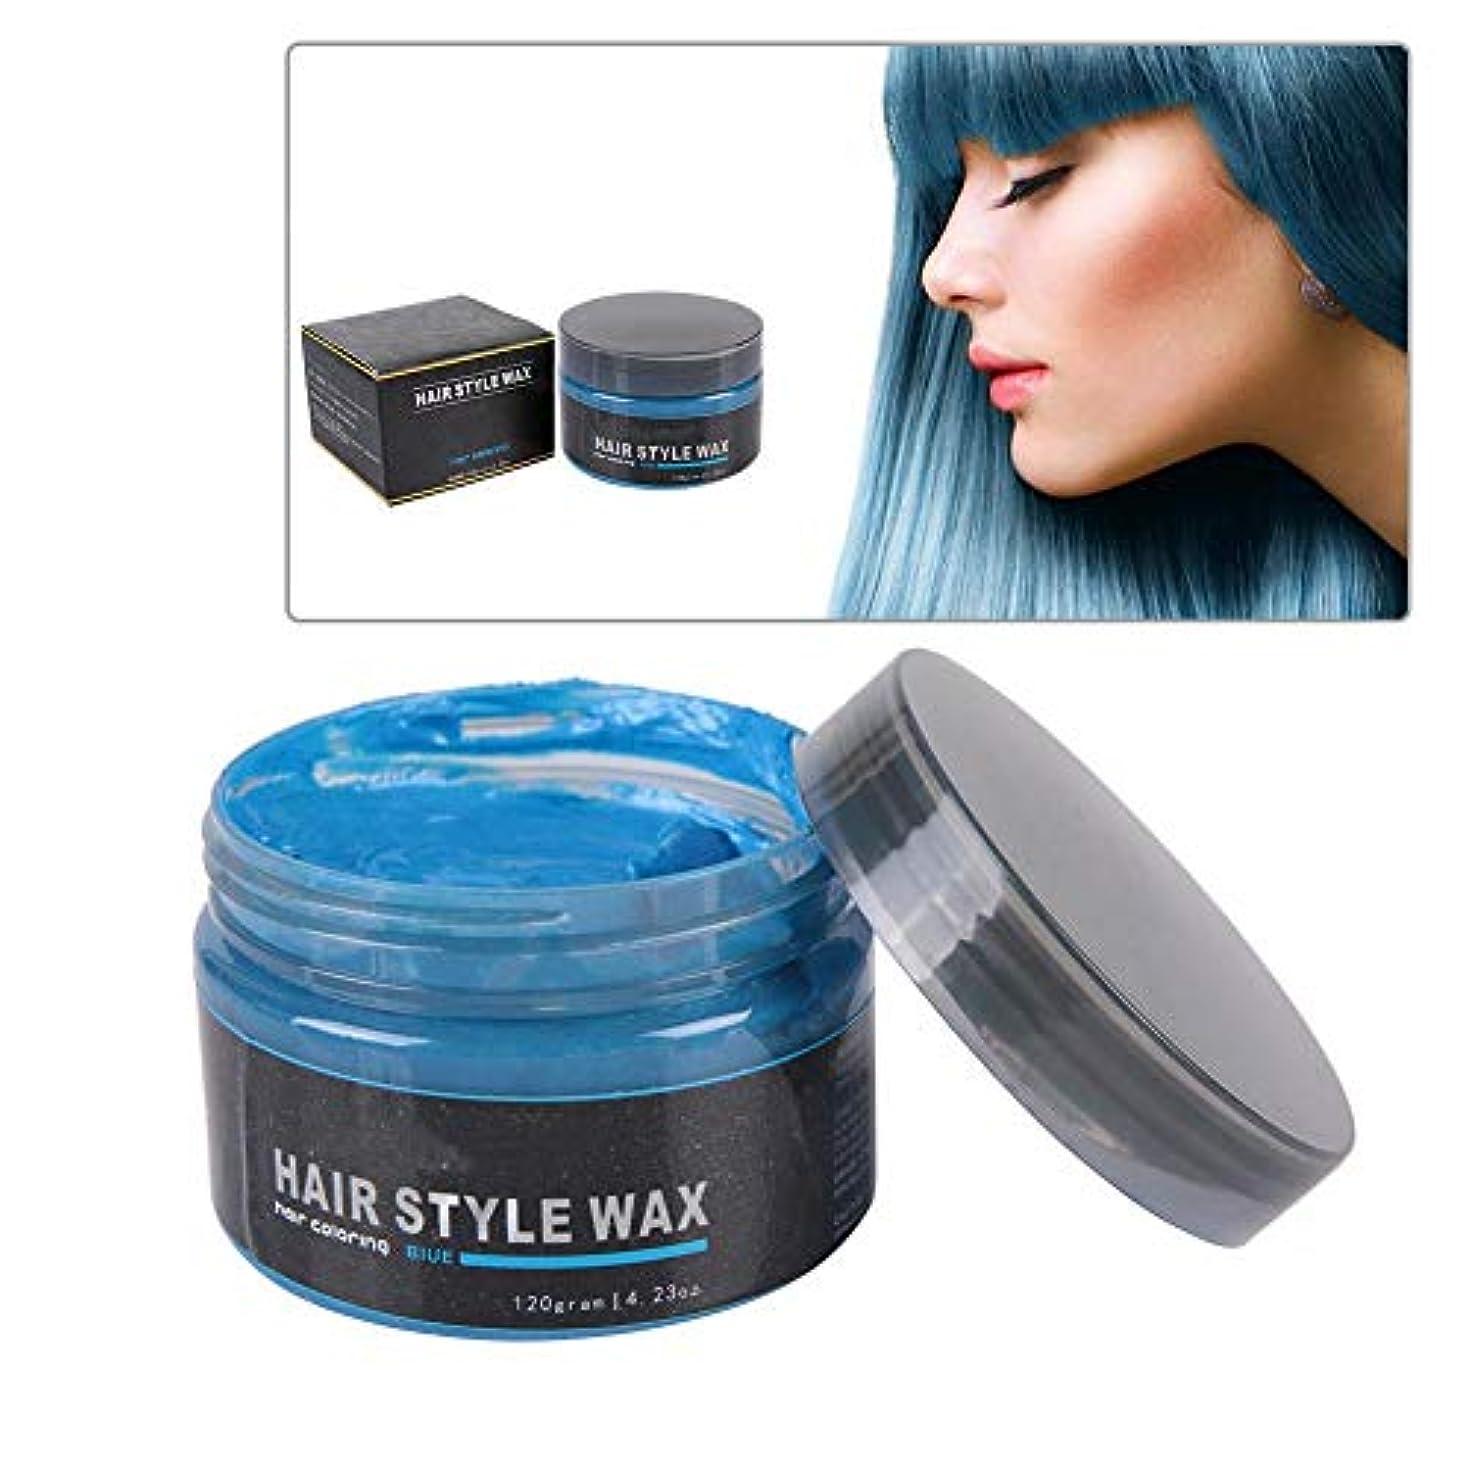 海上始めるデマンド使い捨ての新しいヘアカラーワックス、染毛剤の着色泥のヘアスタイルモデリングクリーム120グラム(ブルー)